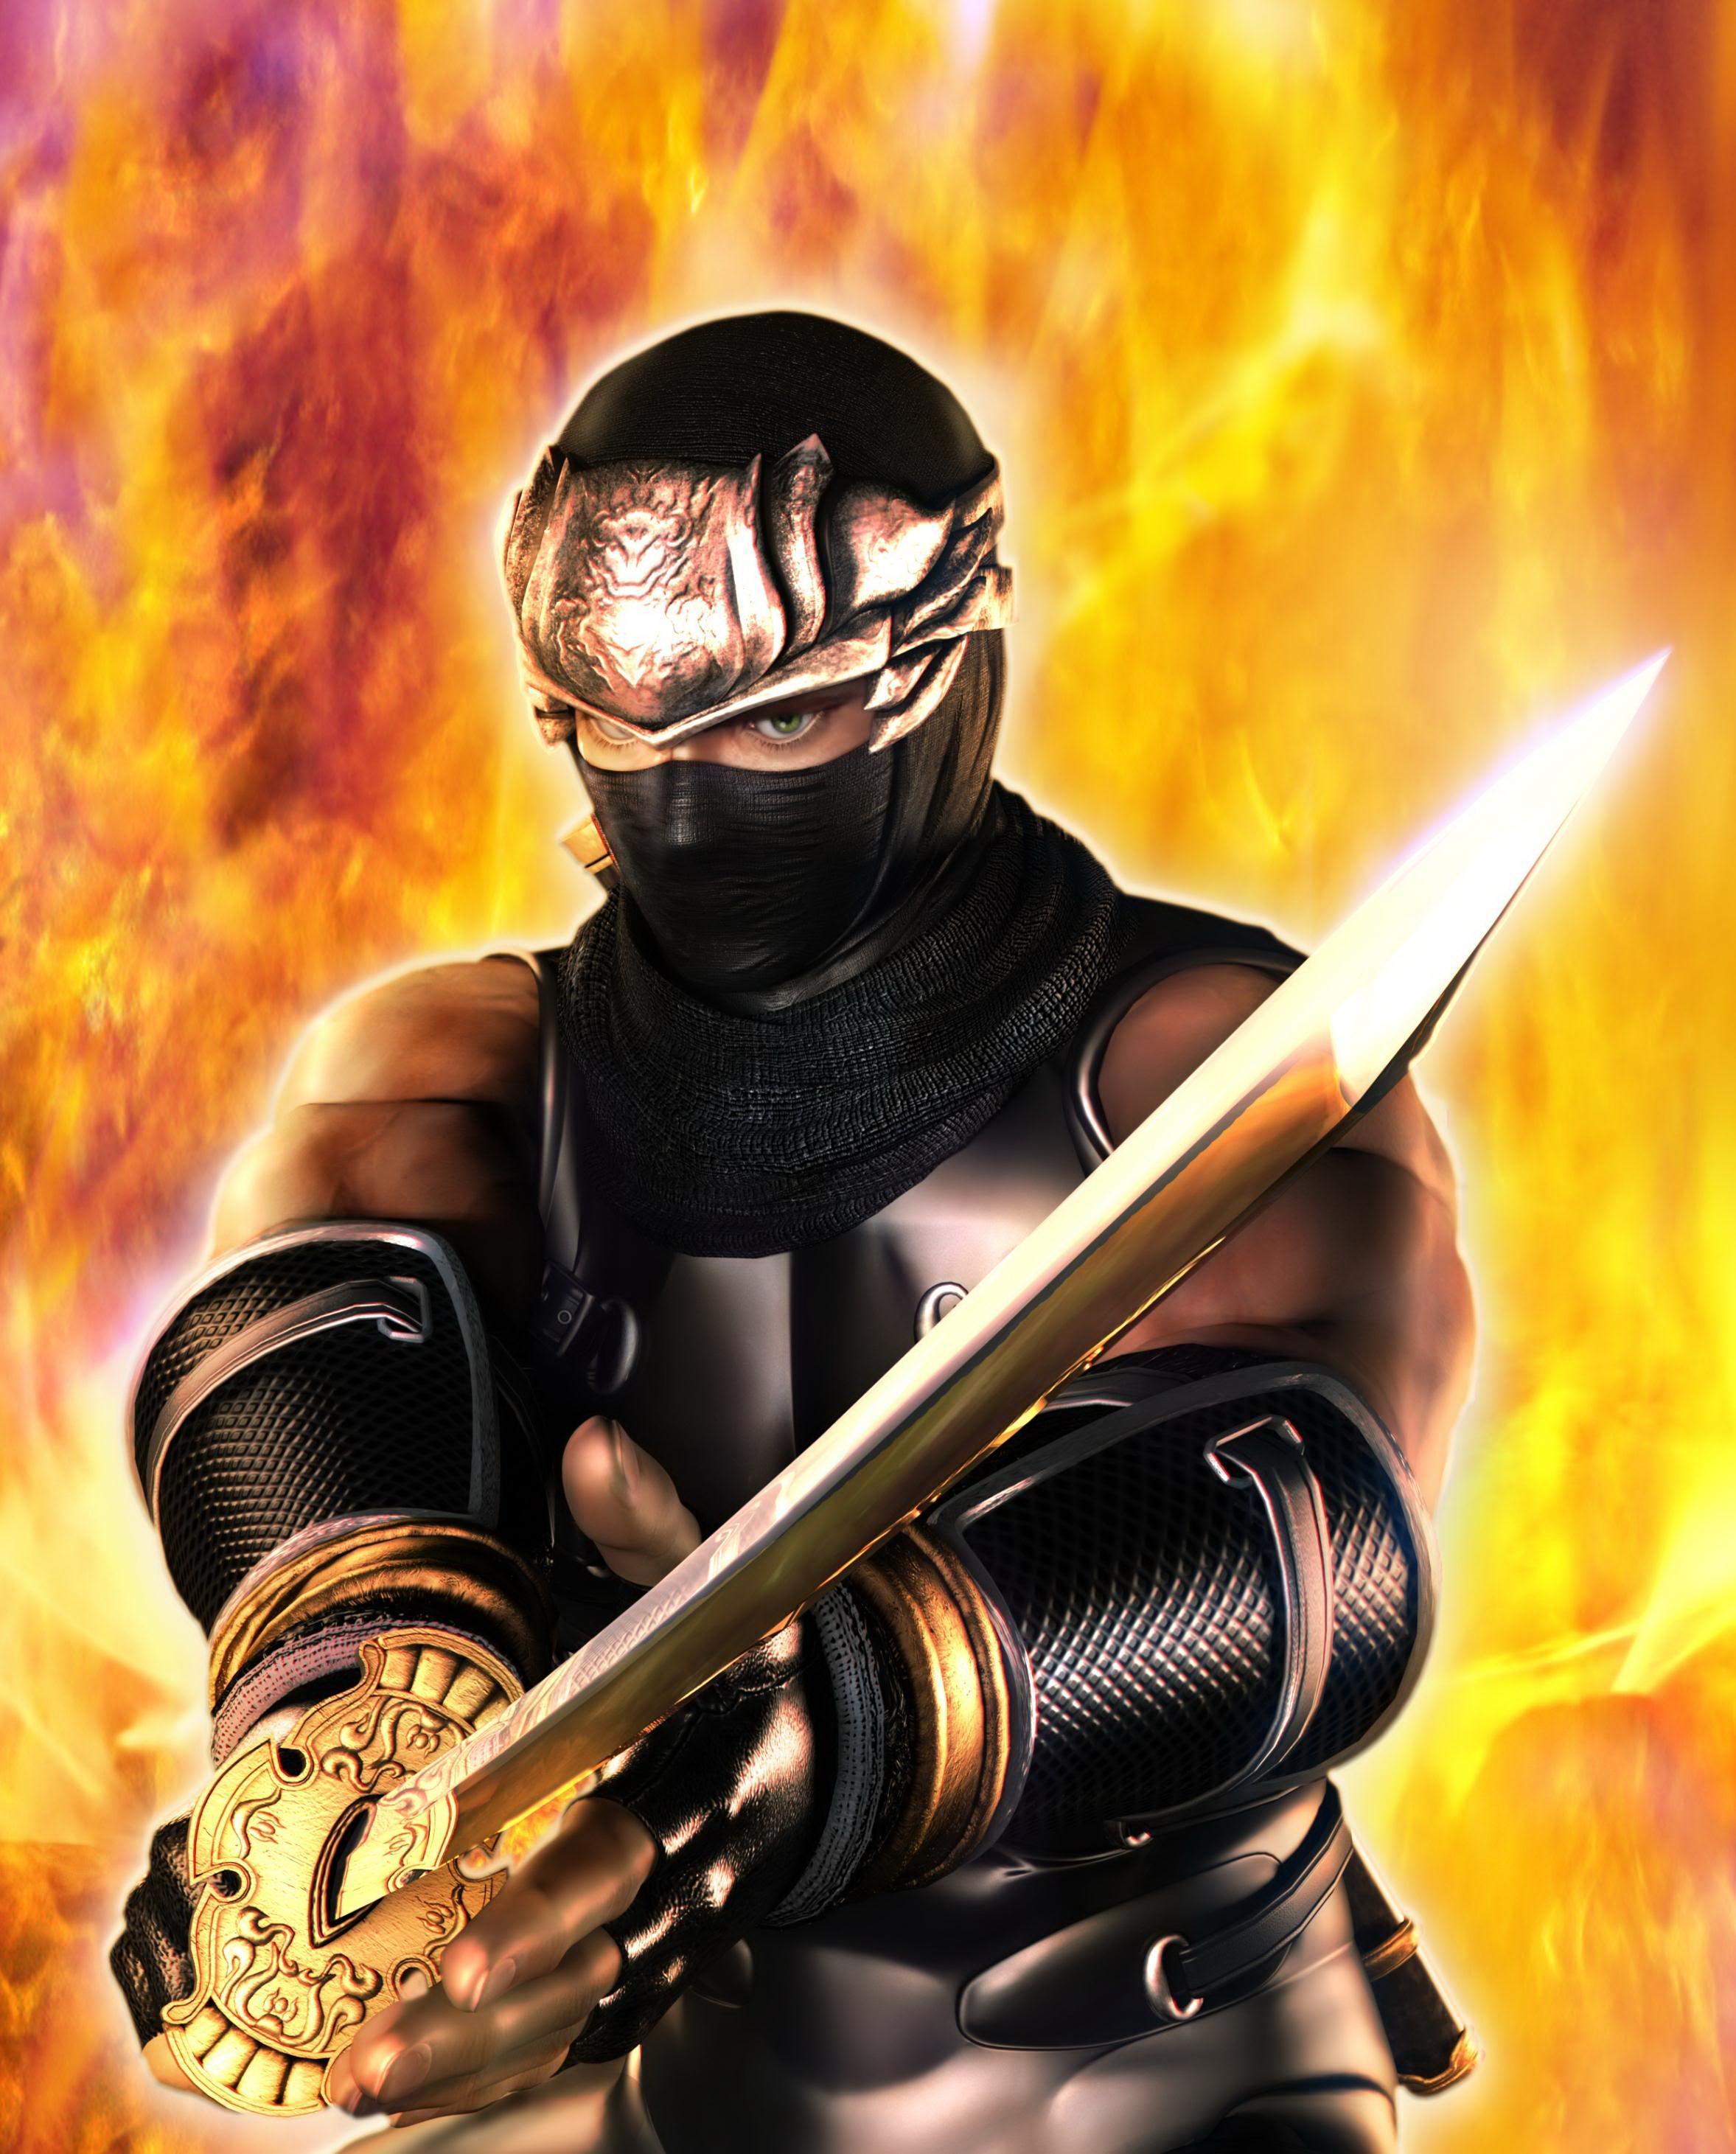 Ninja Gaiden Ova Torrent Free Download